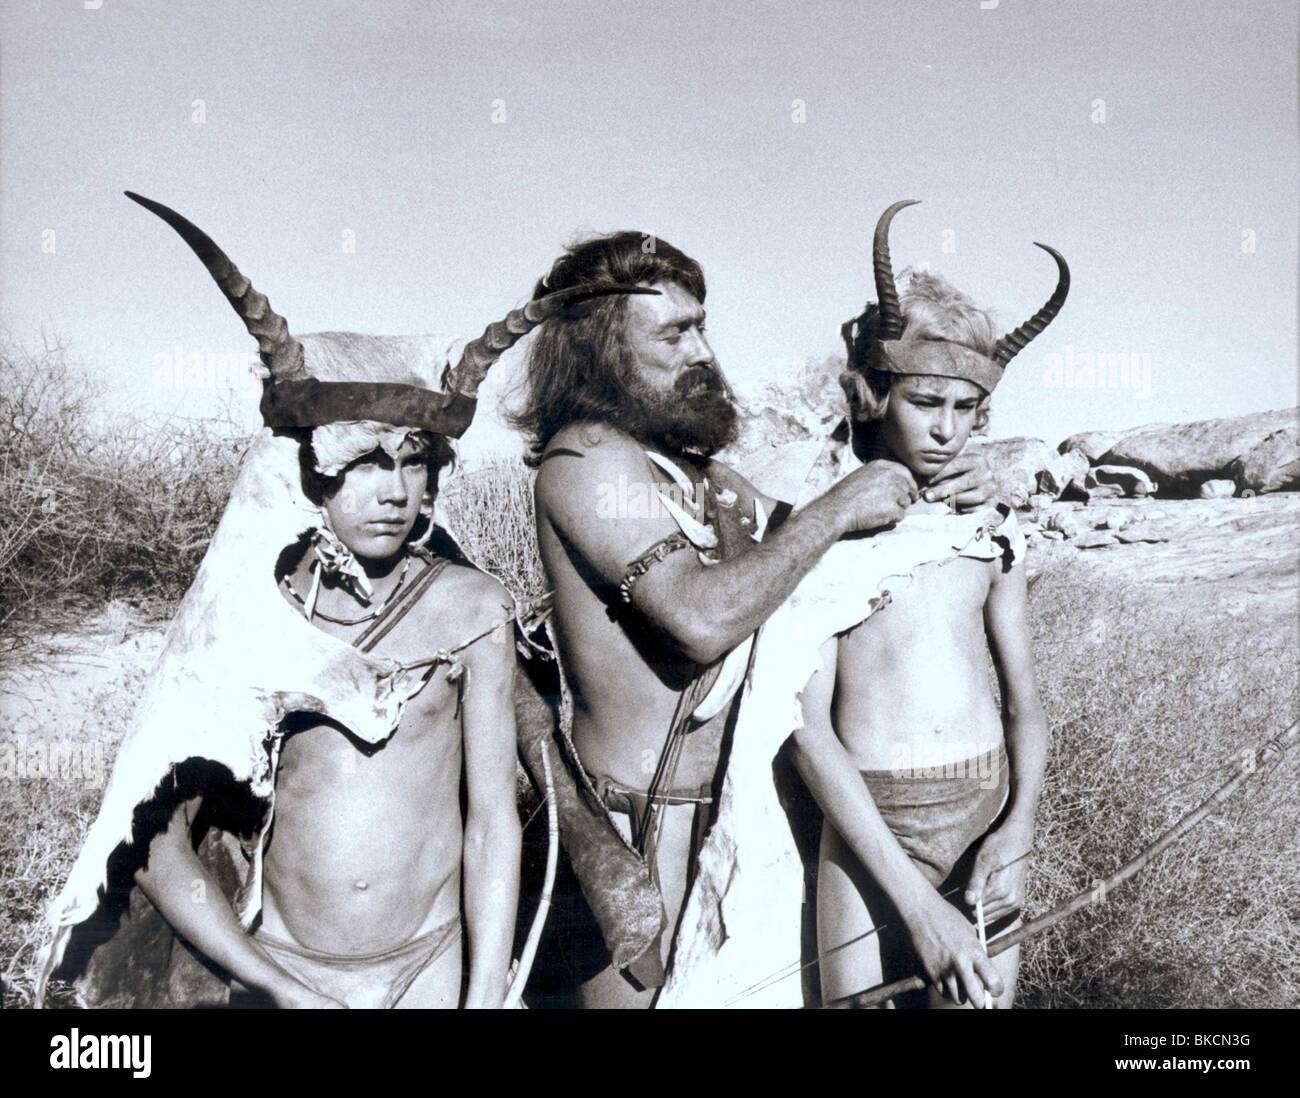 Las criaturas del mundo olvidó (1971) CTWF 007P Imagen De Stock